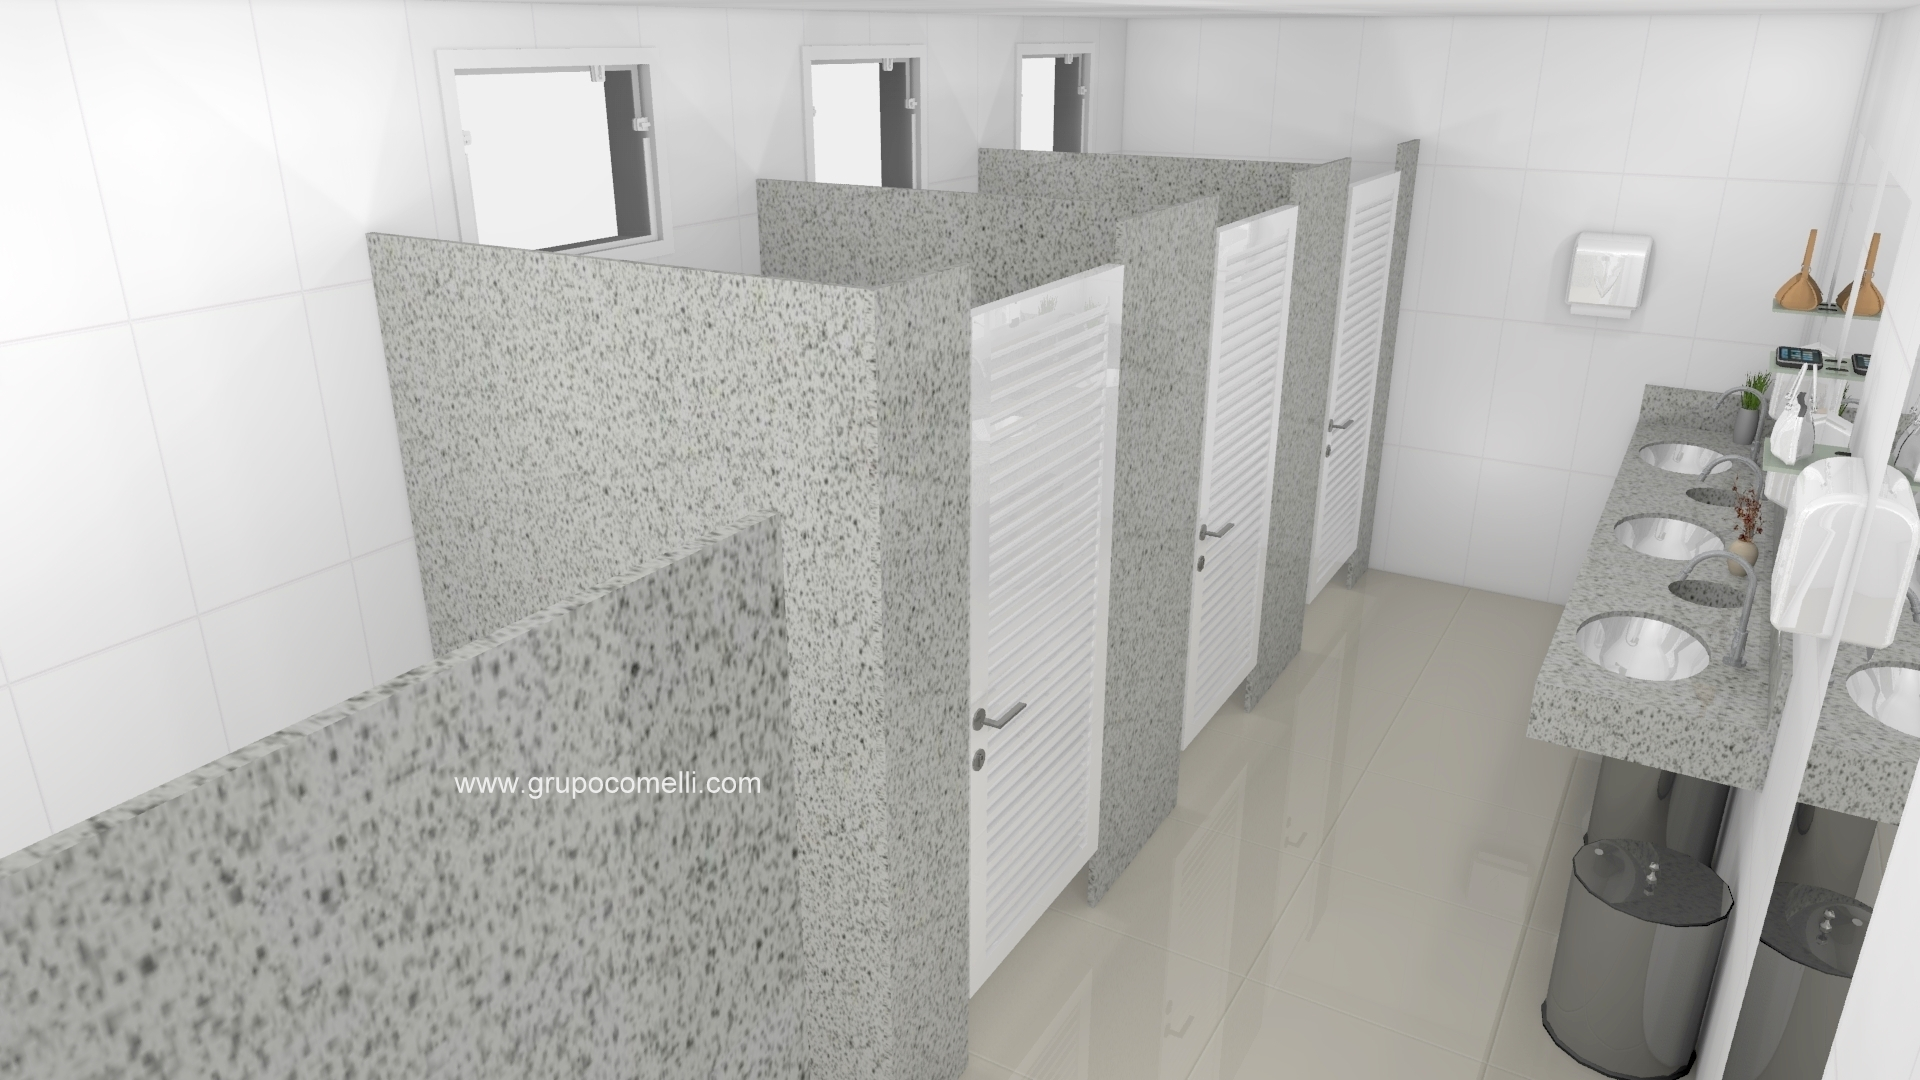 Imagens de #4C583B Banheiro planejado 292 (1) 1920x1080 px 3726 Banheiros Planejados Preto E Branco